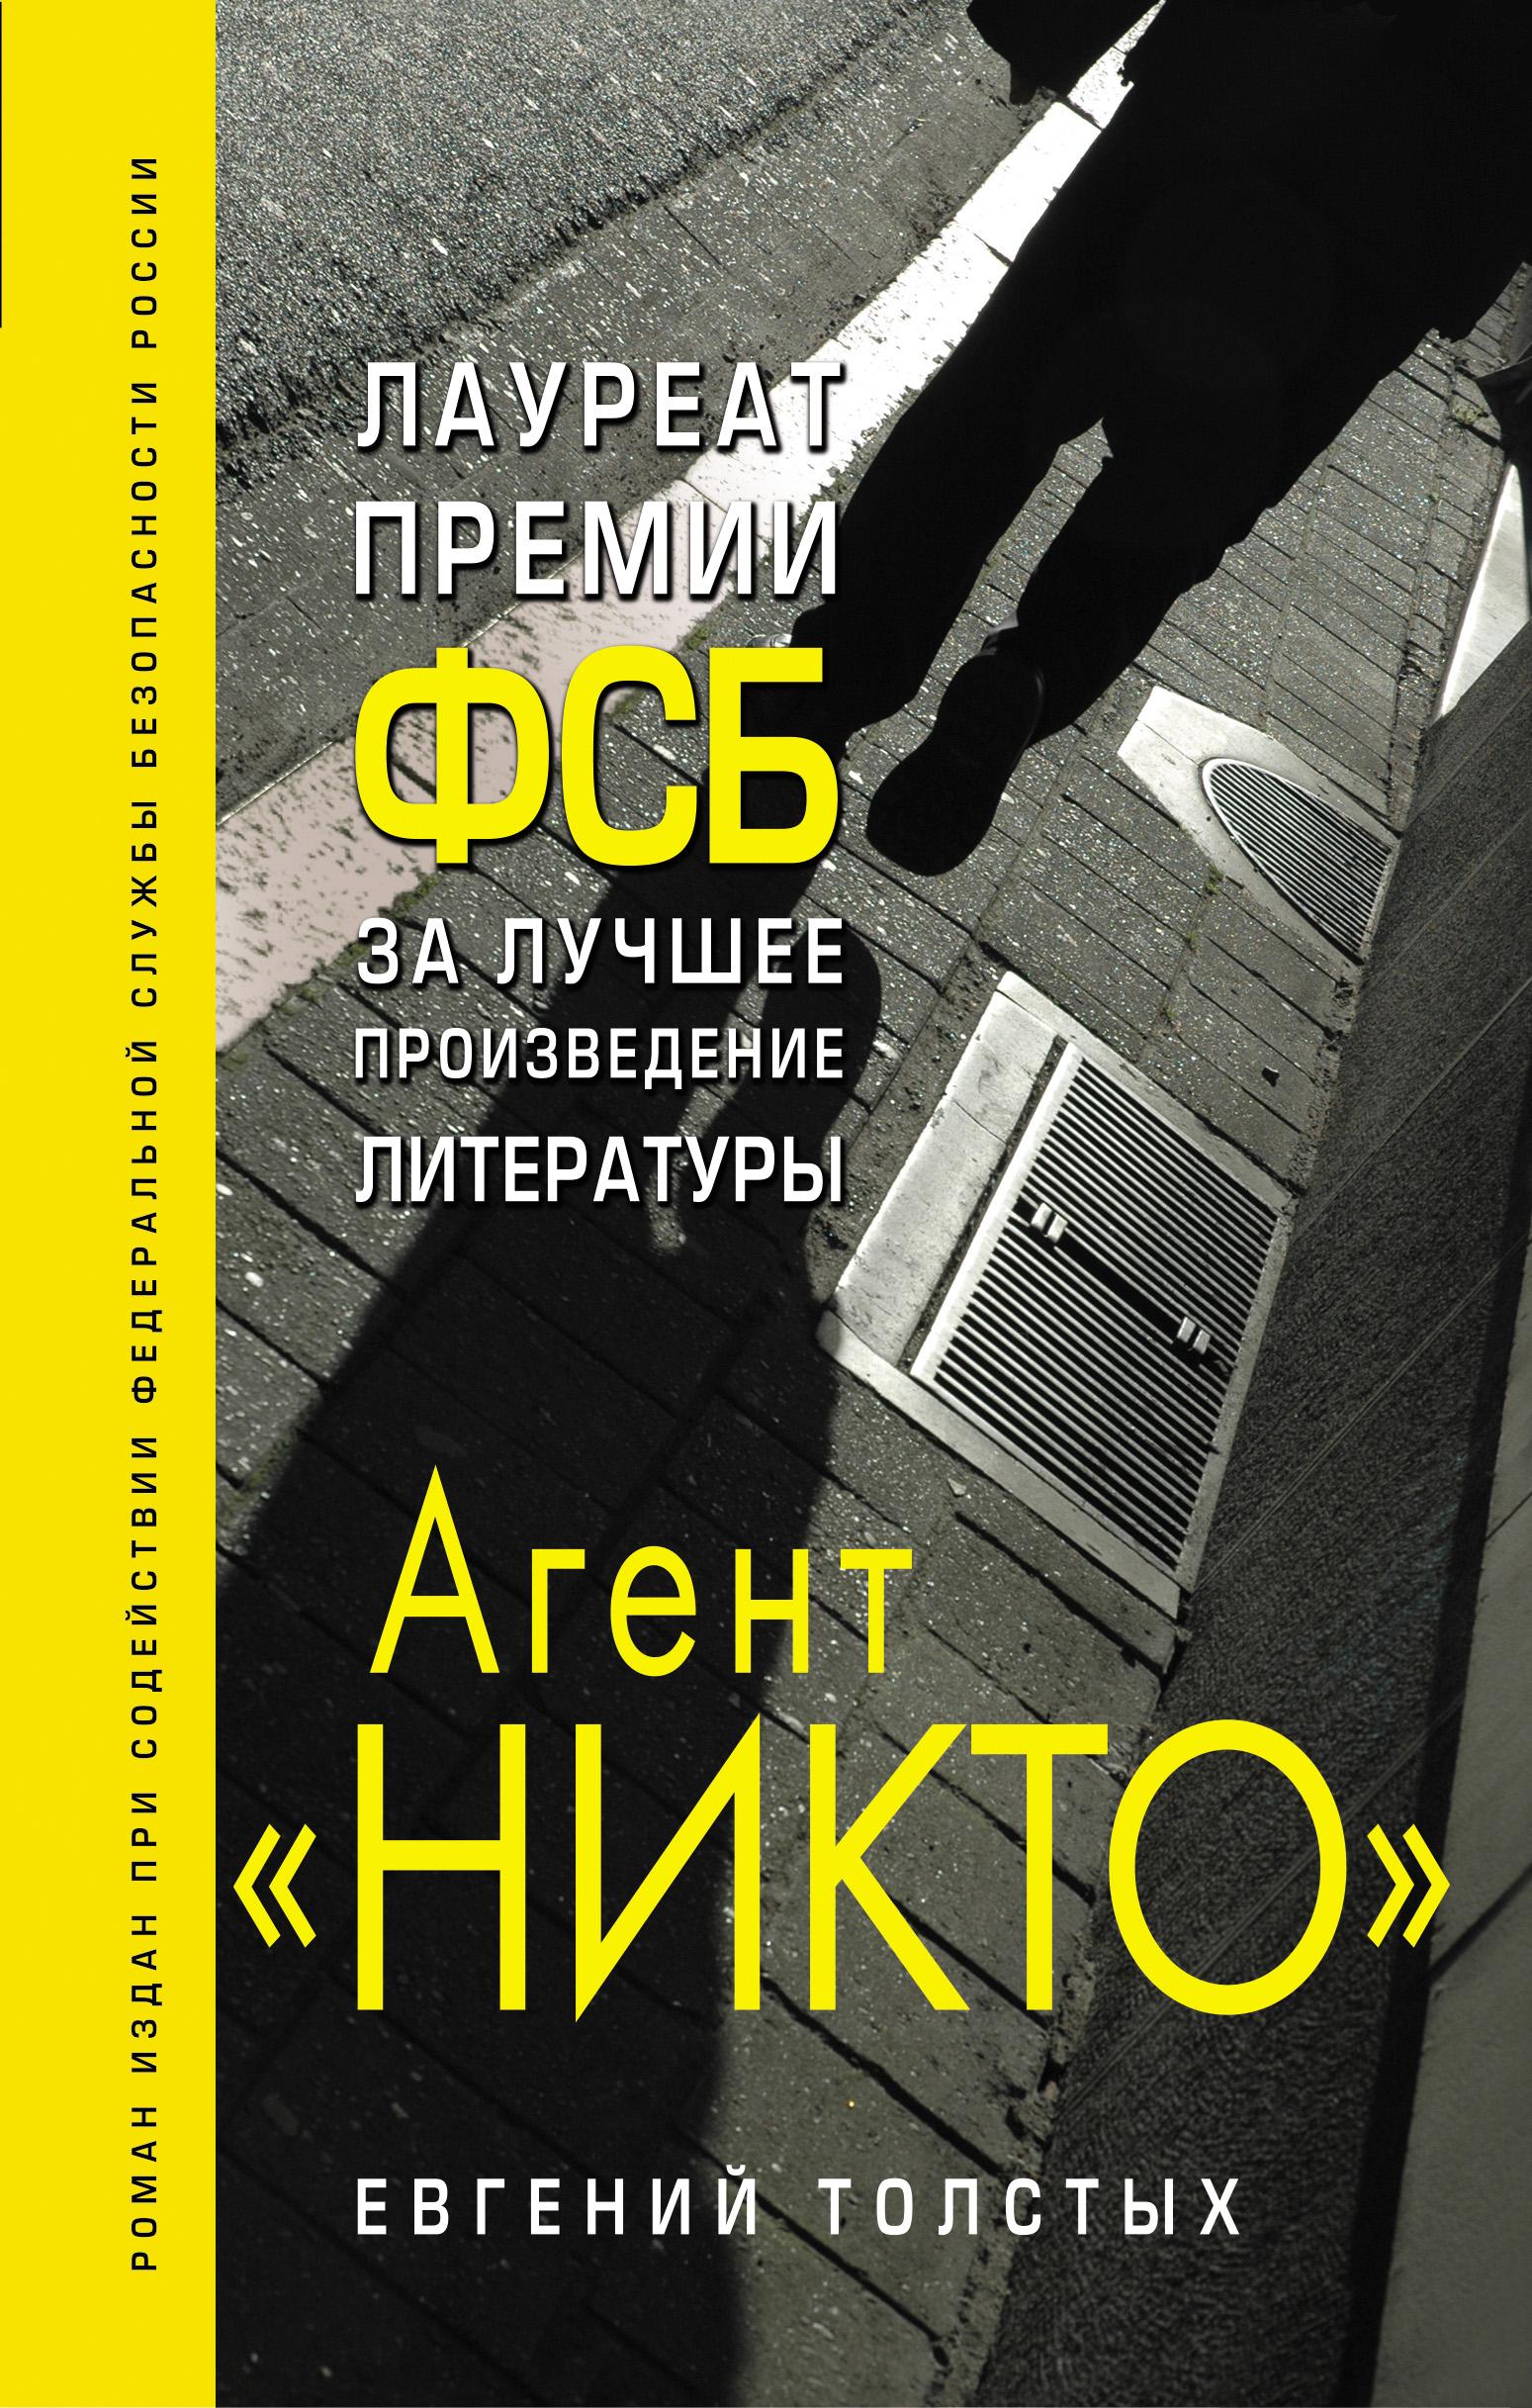 Евгений Толстых Агент «Никто» лаврентий берия оболганный герой советского союза